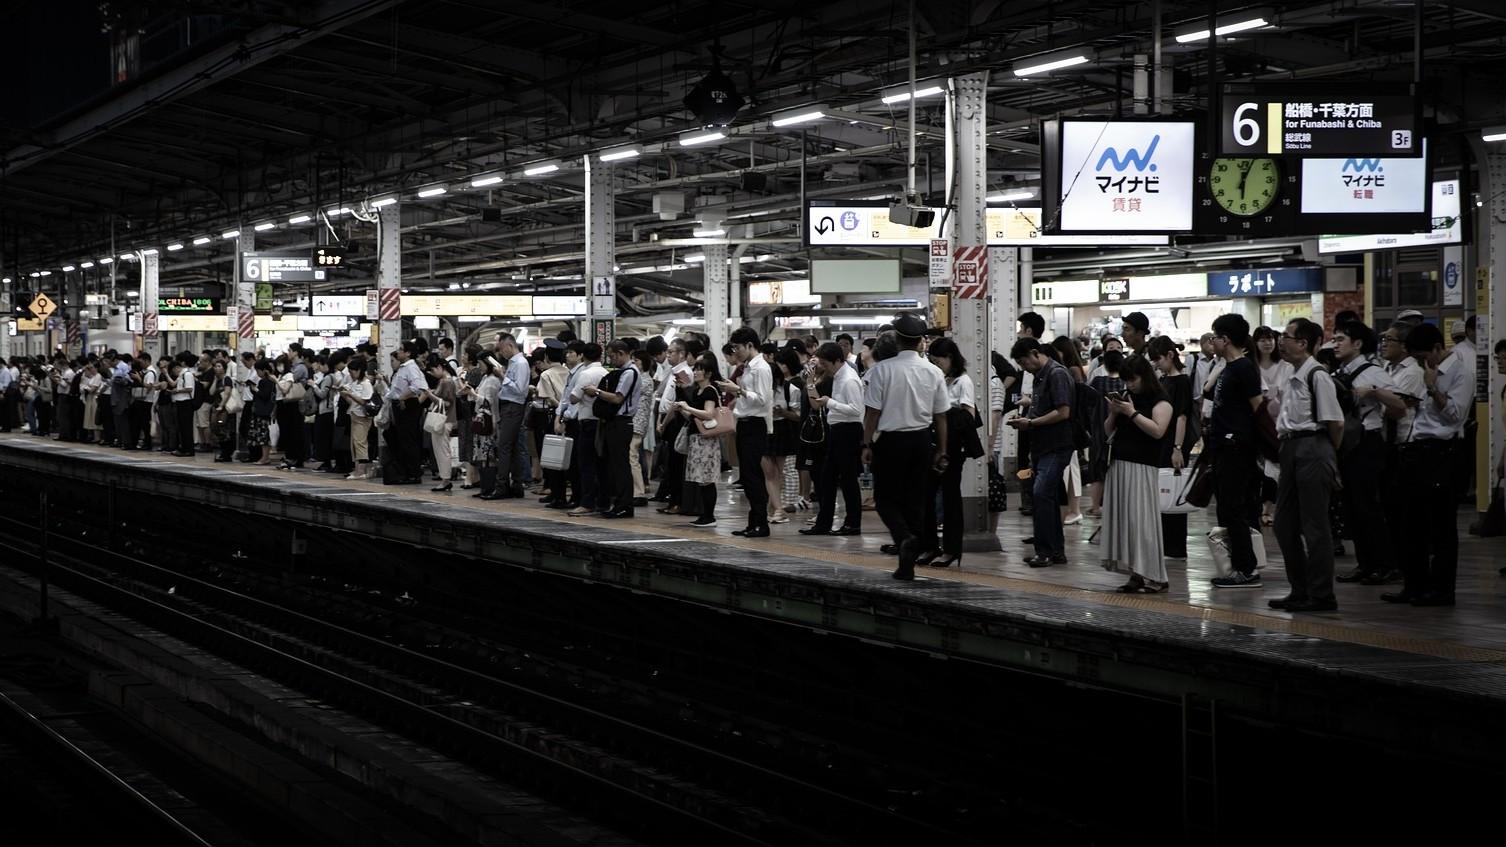 ▲▼日本車站示意圖(圖/取自免費圖庫pixabay)